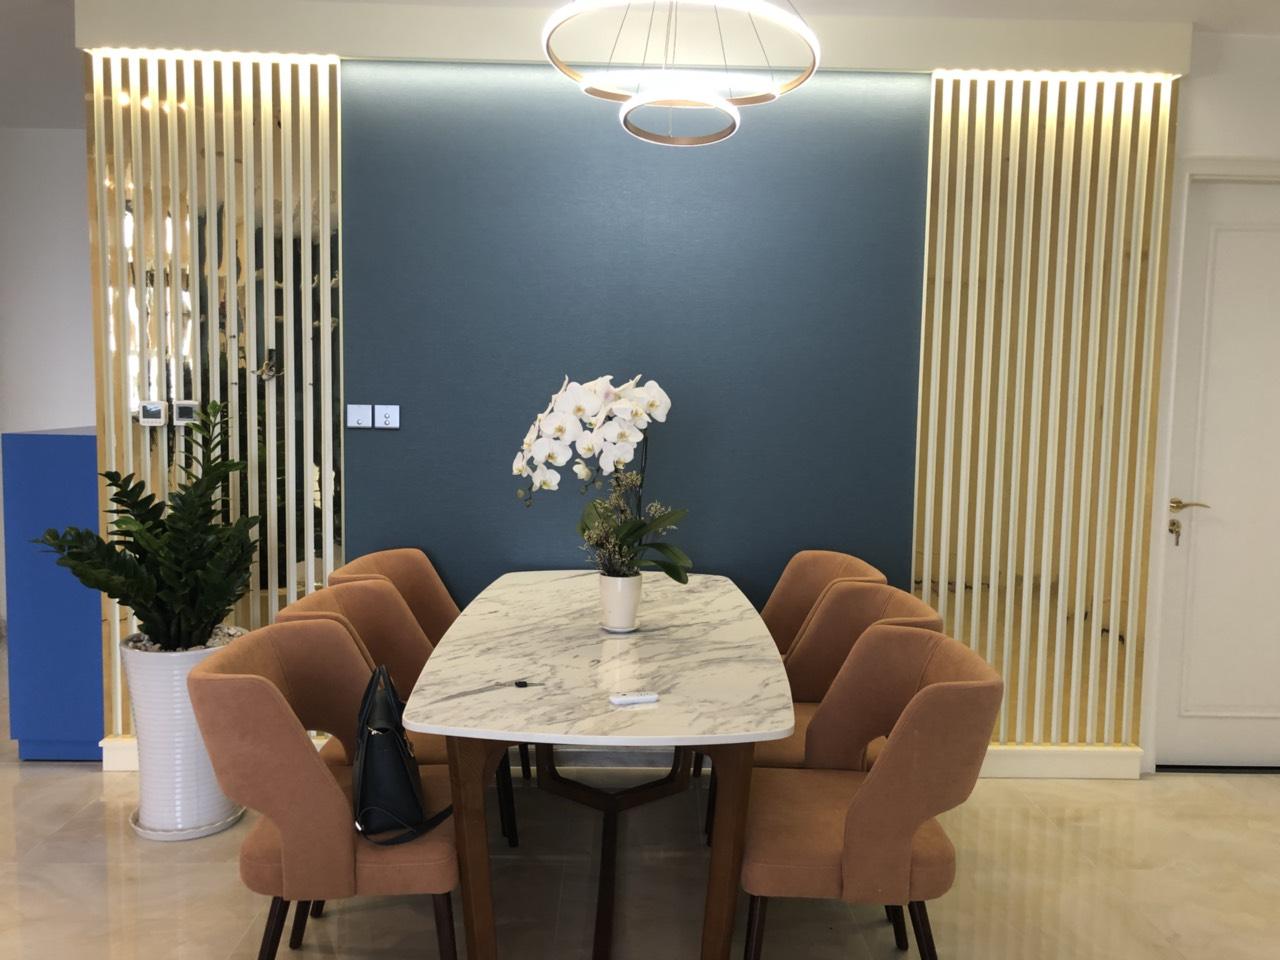 Cho thuê 3 phòng ngủ Vinhomes Golden river - ID 010120